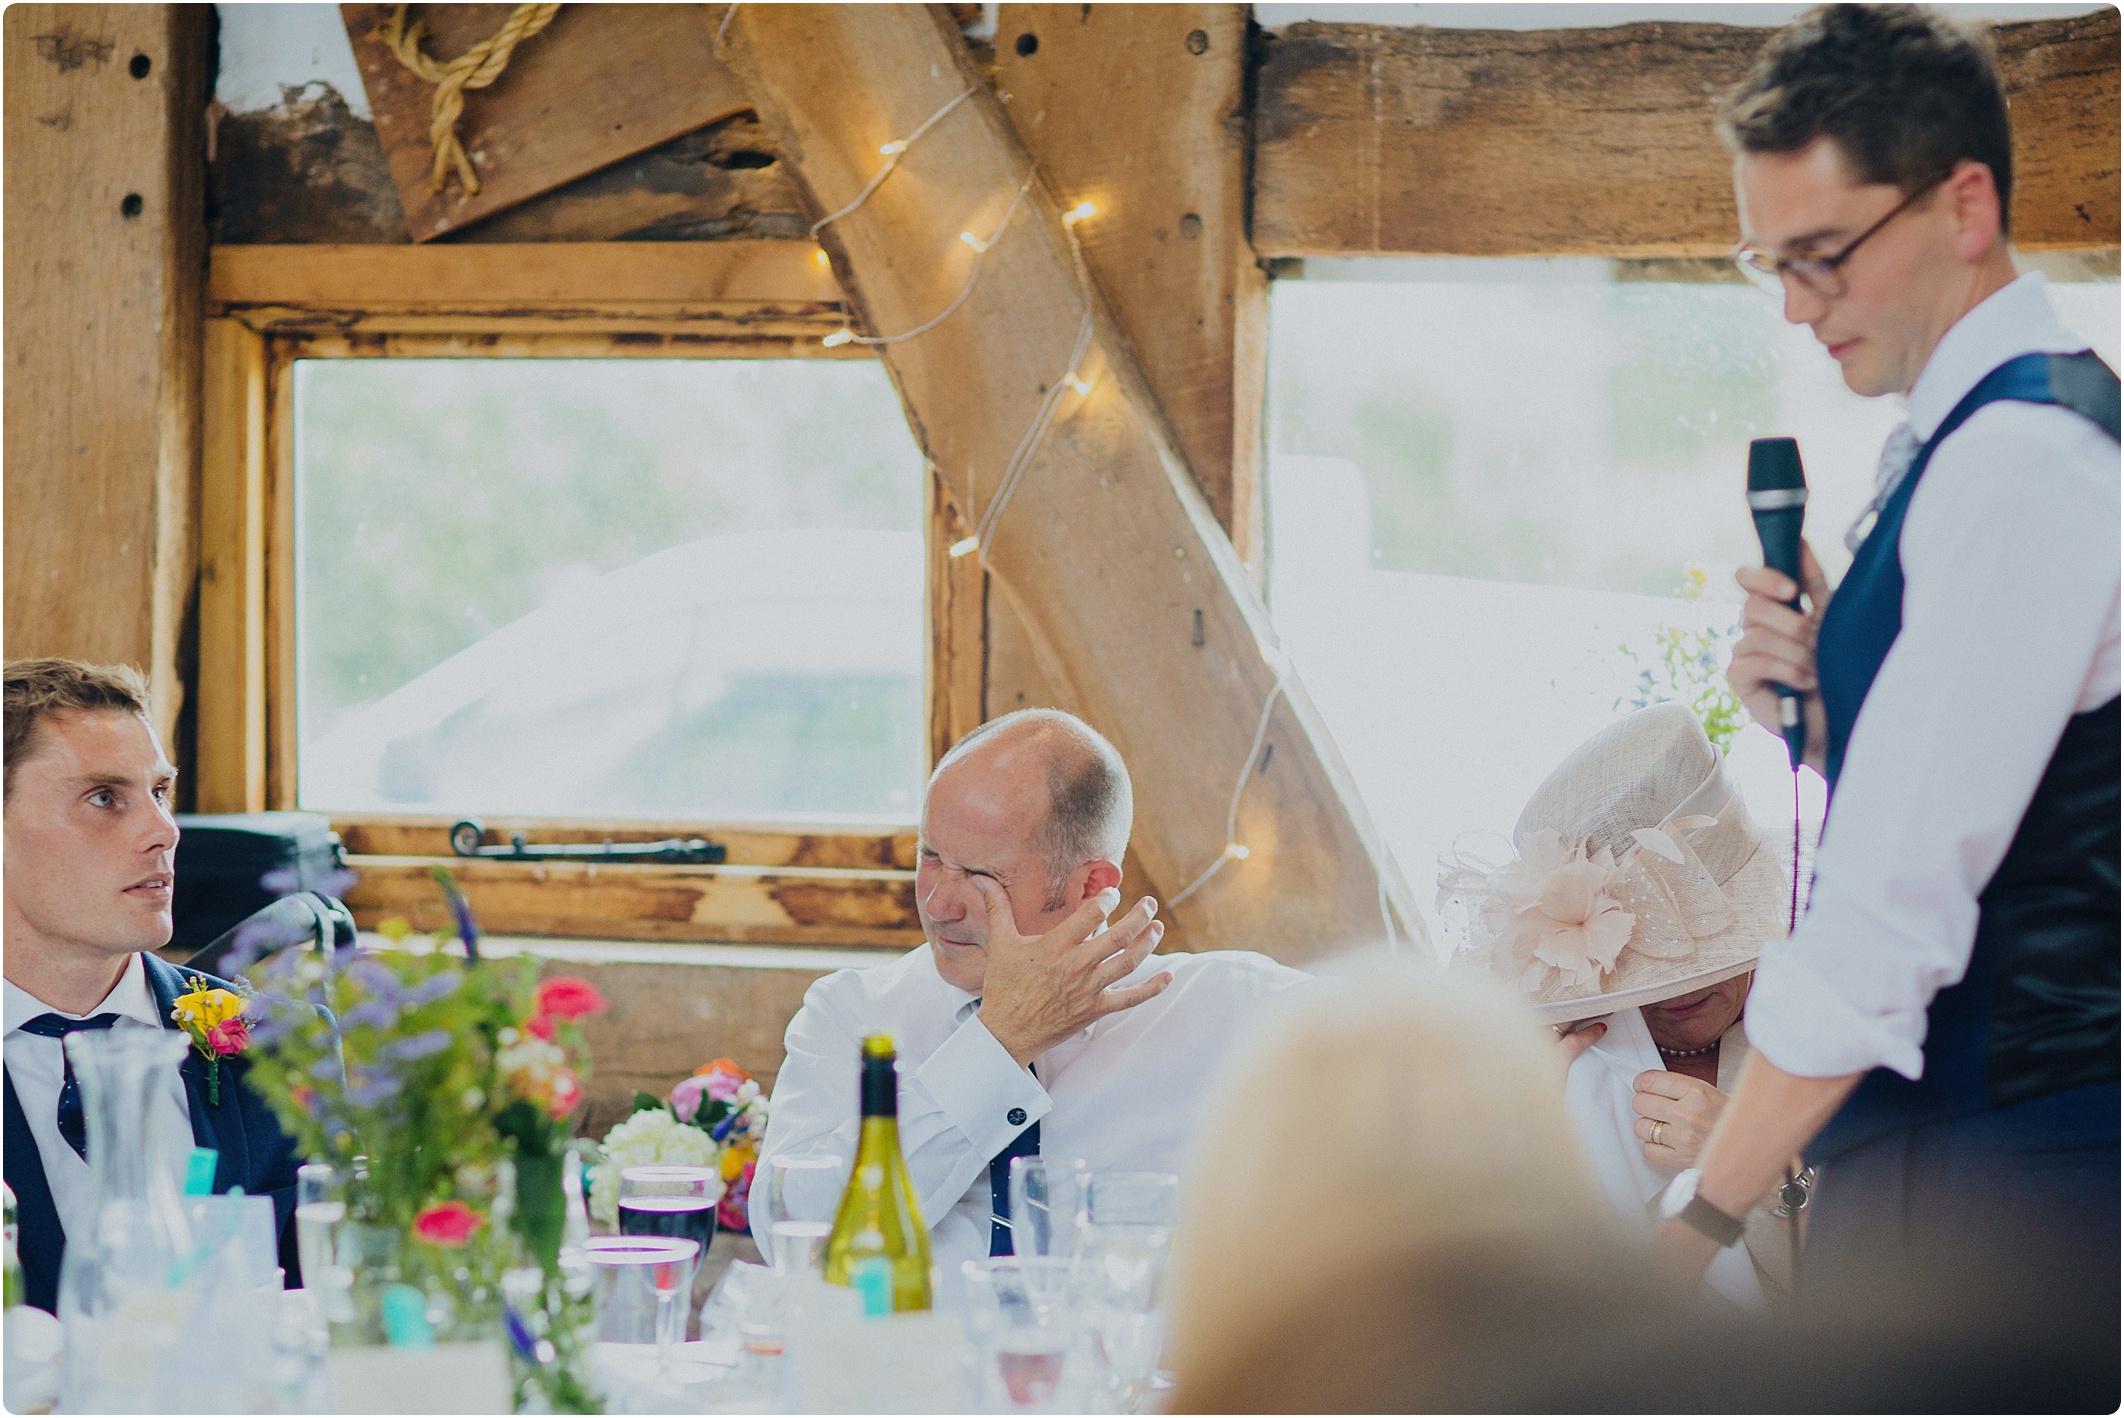 Treadam Barn Wedding wiping tears away